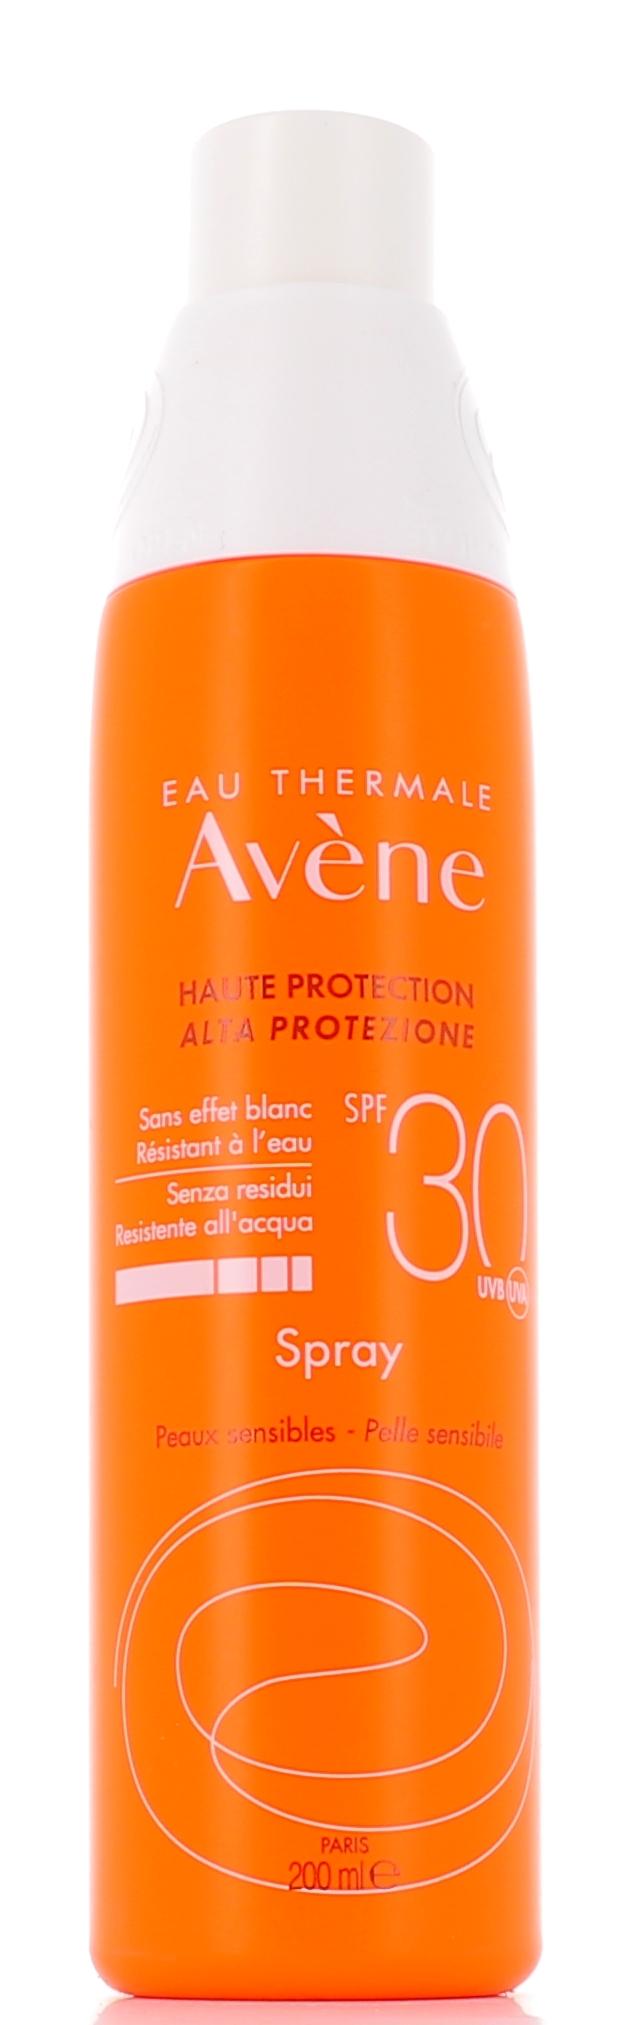 AVENE (Pierre Fabre It. SpA) Avene Solare Alta Protezione Spray Spf30 200ml